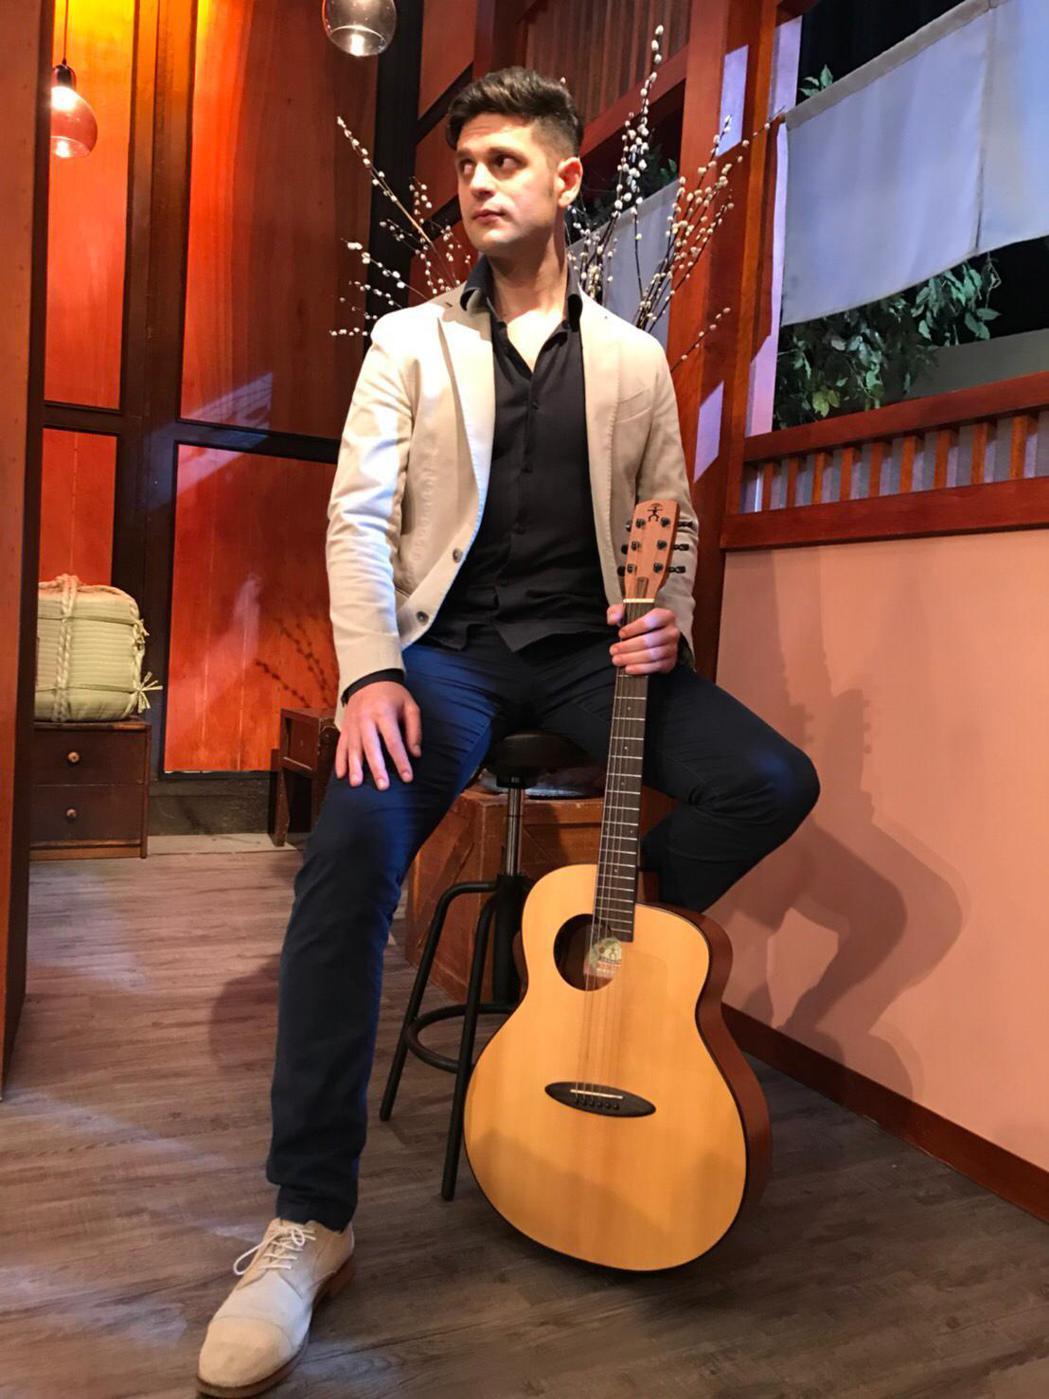 義大利歌手吳子龍因疫情演出全遭取消。圖/經紀人提供